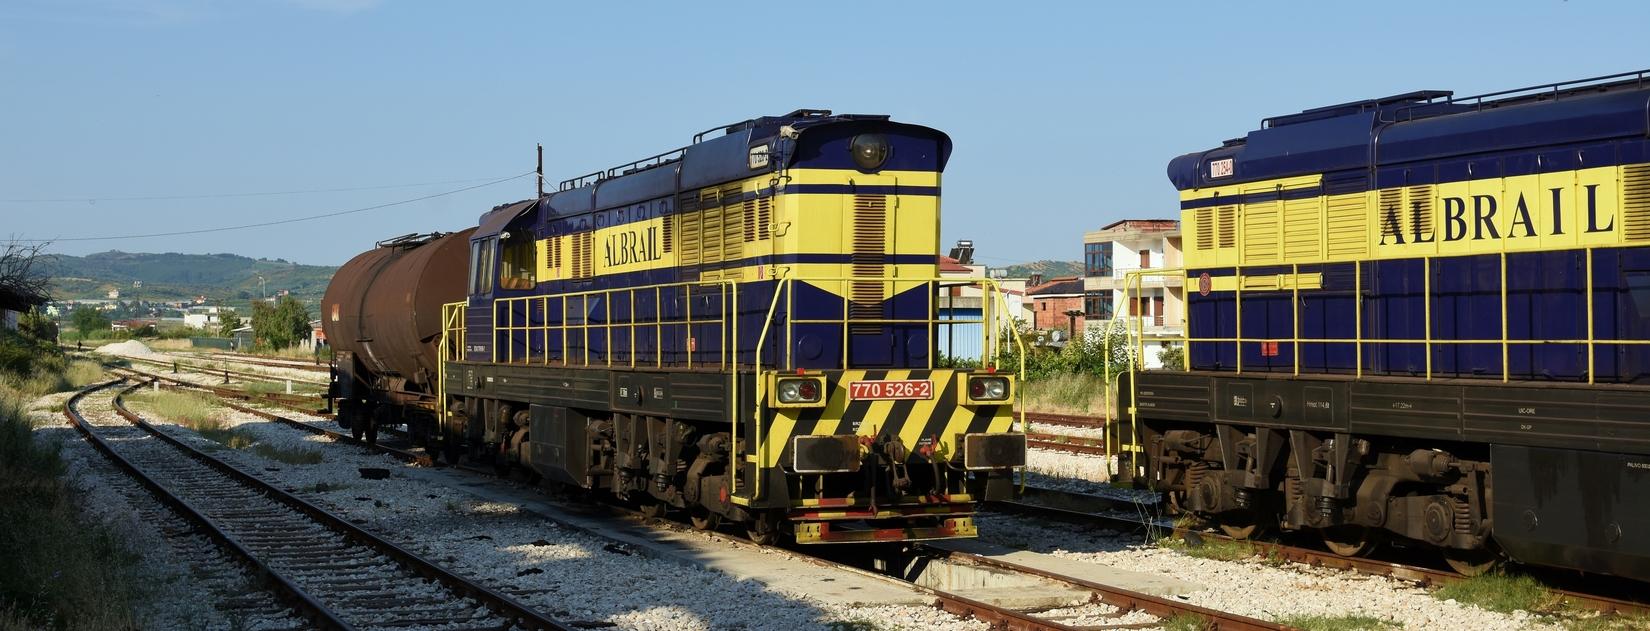 ALBRAIL – die Hoffnung in der Albanischen Eisenbahnwelt?